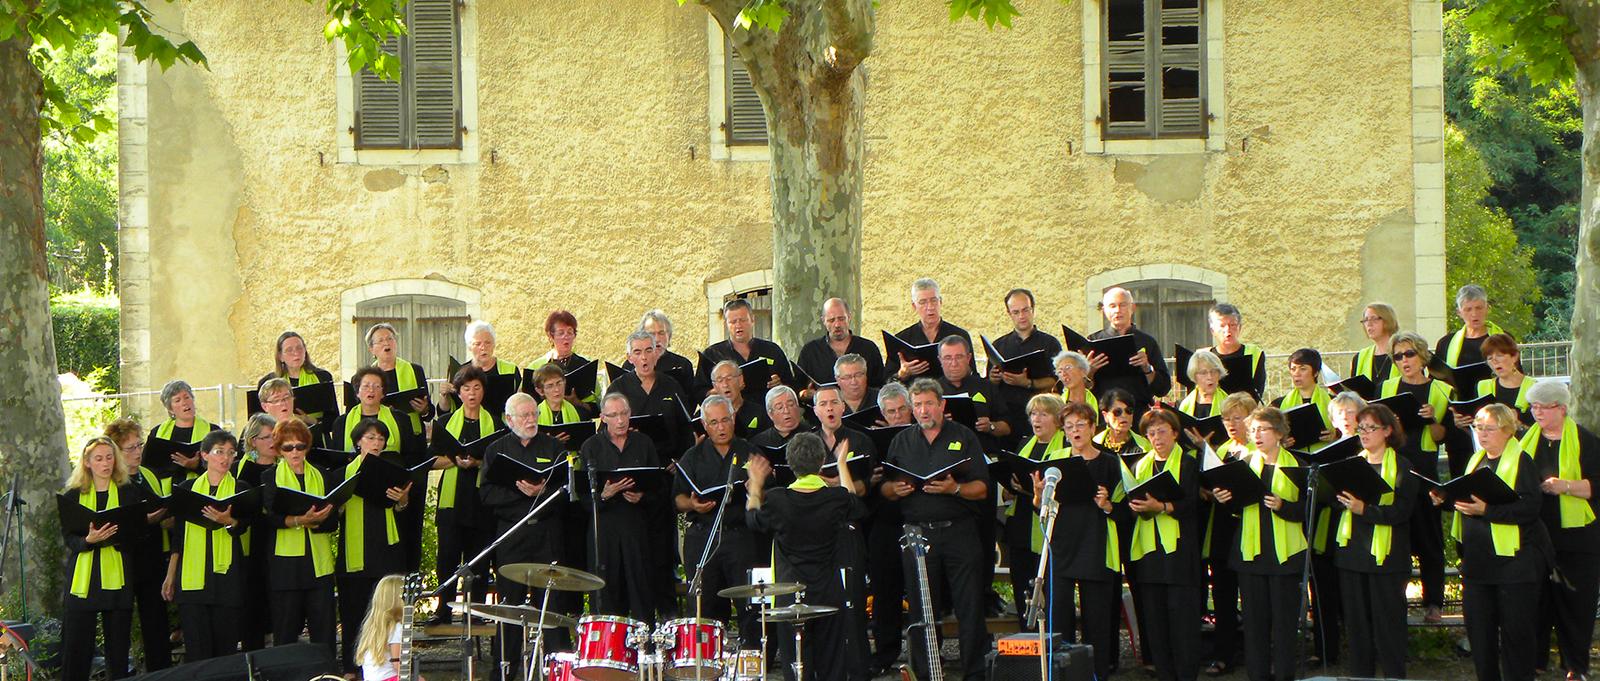 la chorale Chantadour se produit l'été en concert